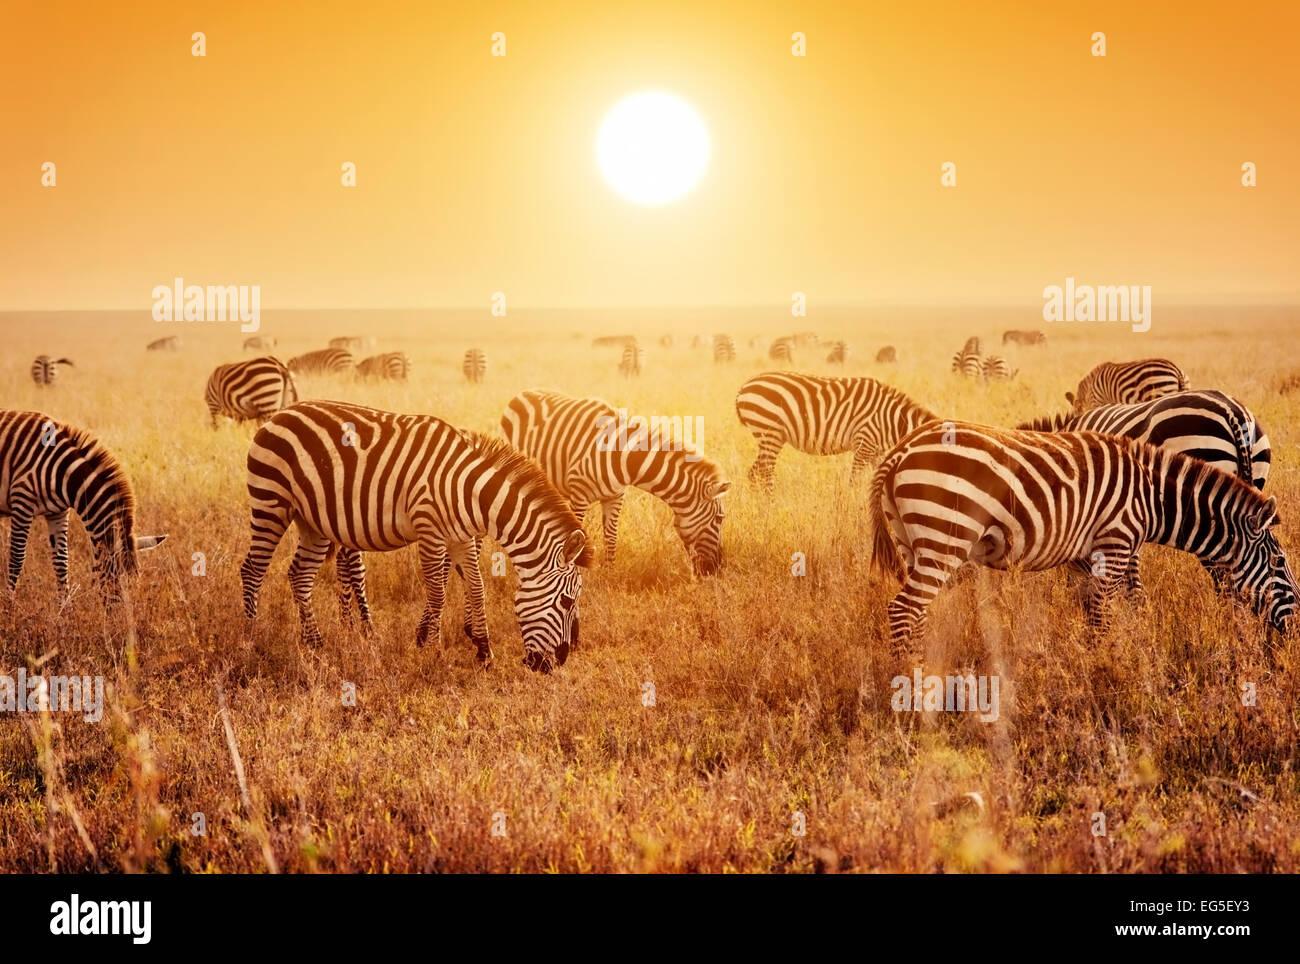 Zebre mandria sulla savana al tramonto, Africa. Safari nel Serengeti, Tanzania Immagini Stock